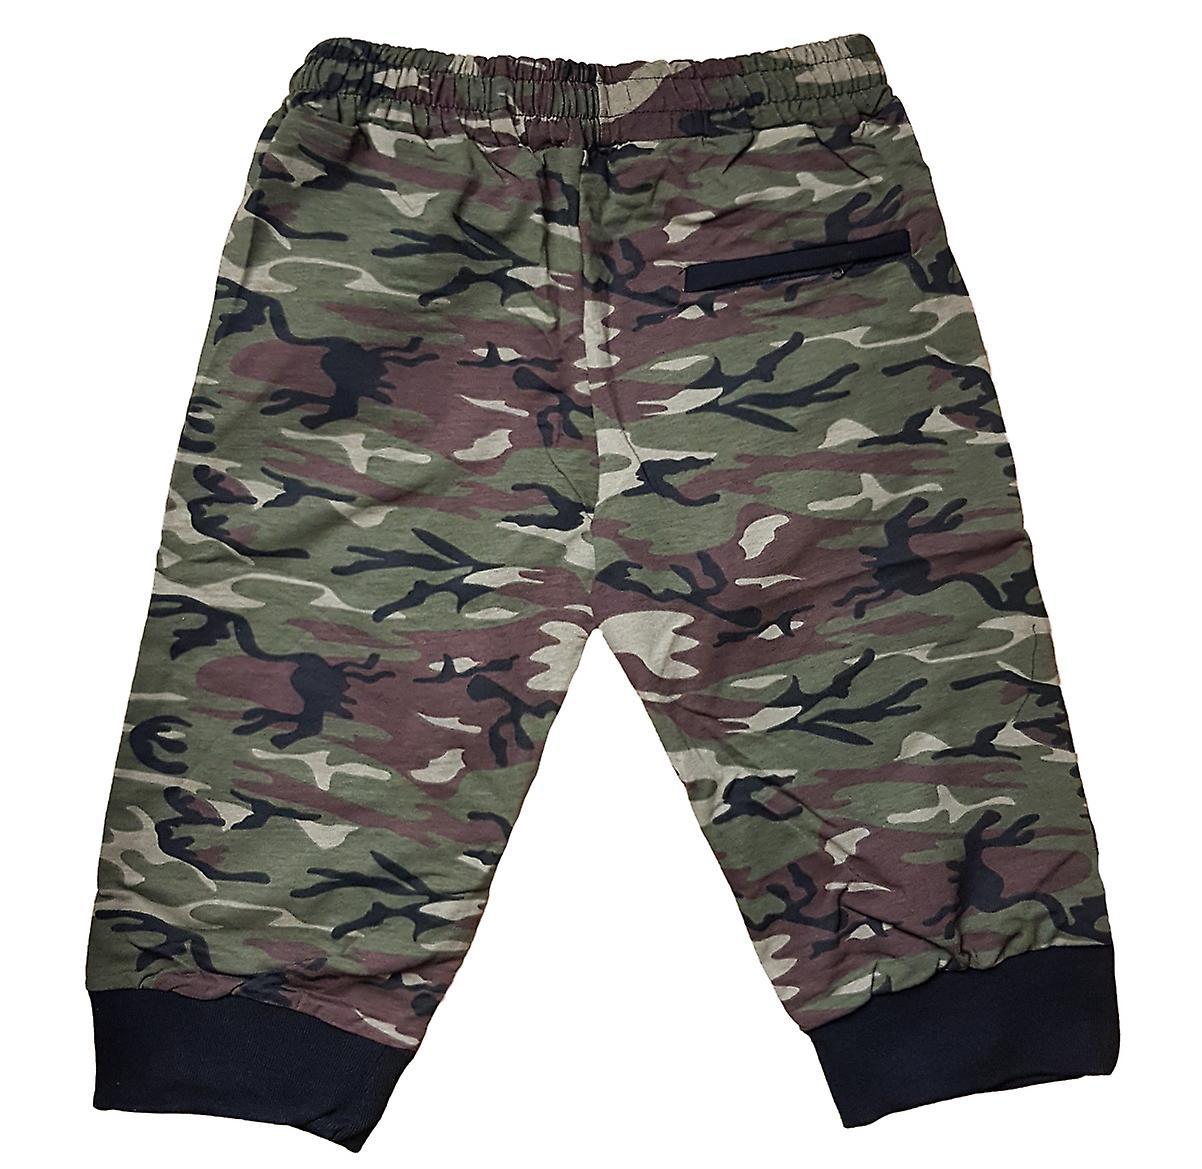 Korte Broek Legerprint Heren.Heren Shorts Bermuda Broek Elastisch Zweet Broek Camouflage Broek